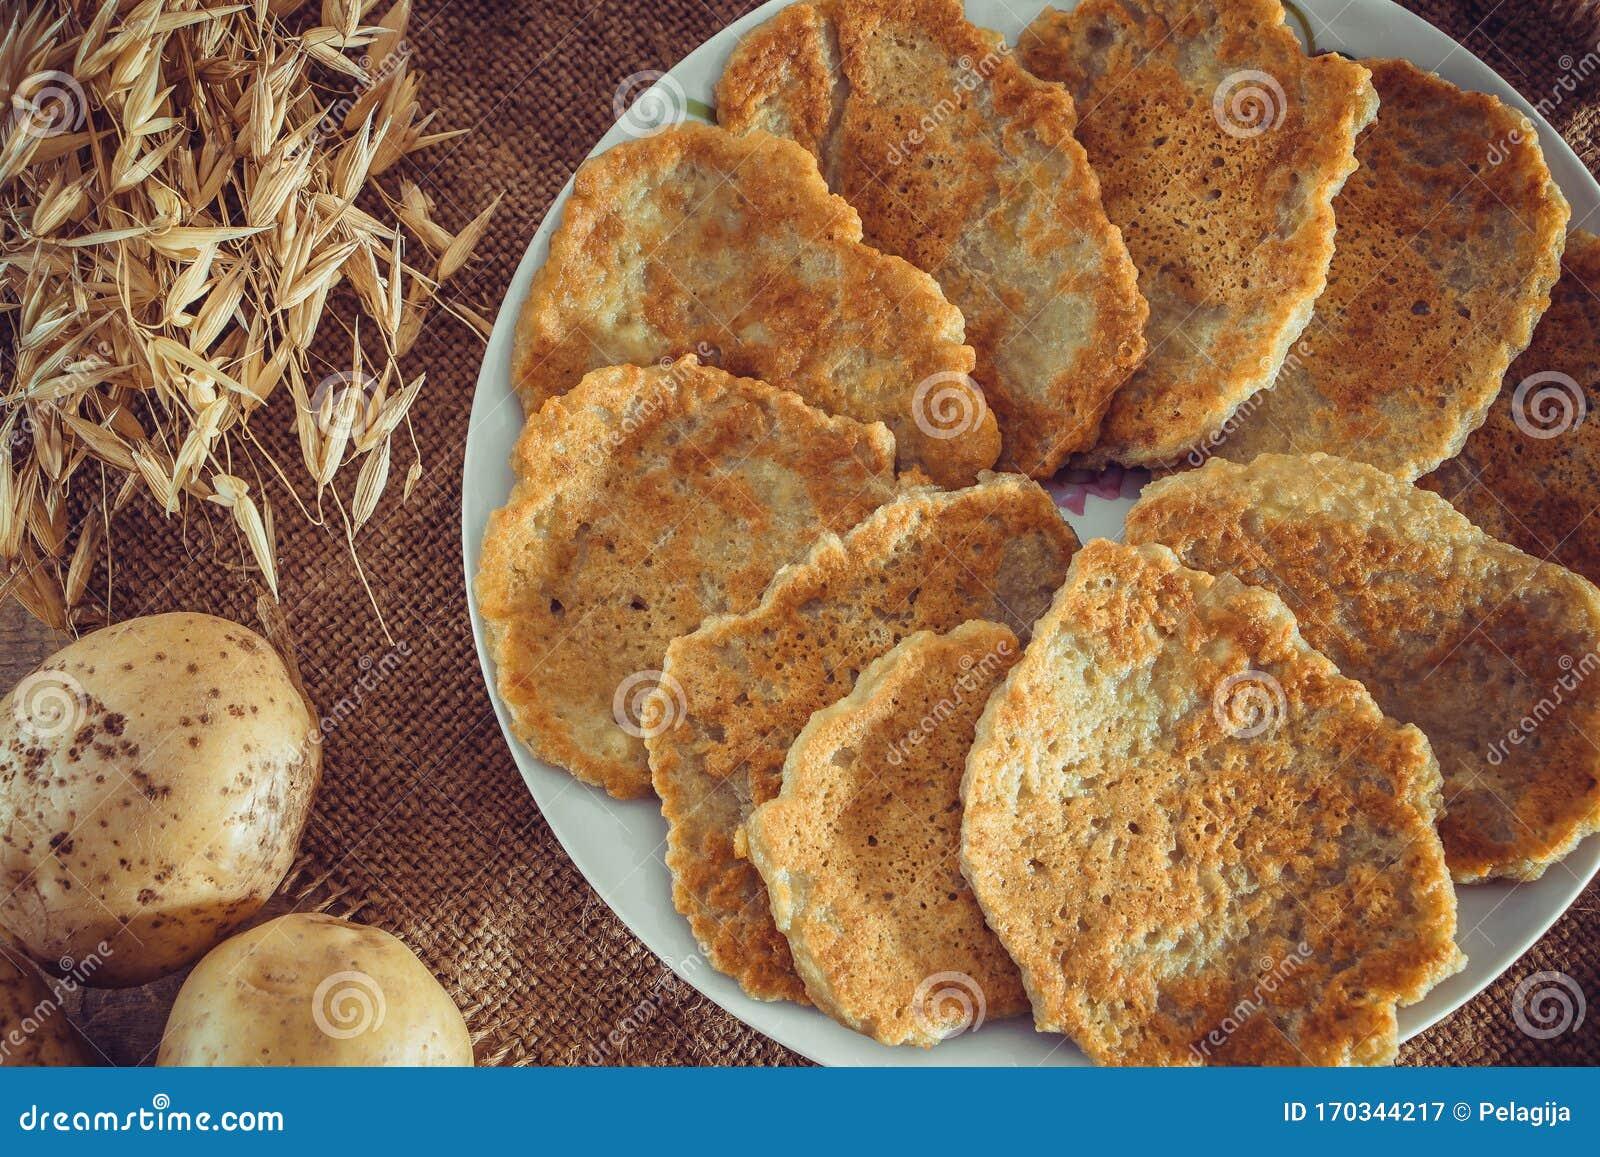 Aardappelpannenkoeken Het Nationale Wit Russische En Oekraiense Voedsel Stock Afbeelding Afbeelding Bestaande Uit Smakelijk Pannekoeken 170344217